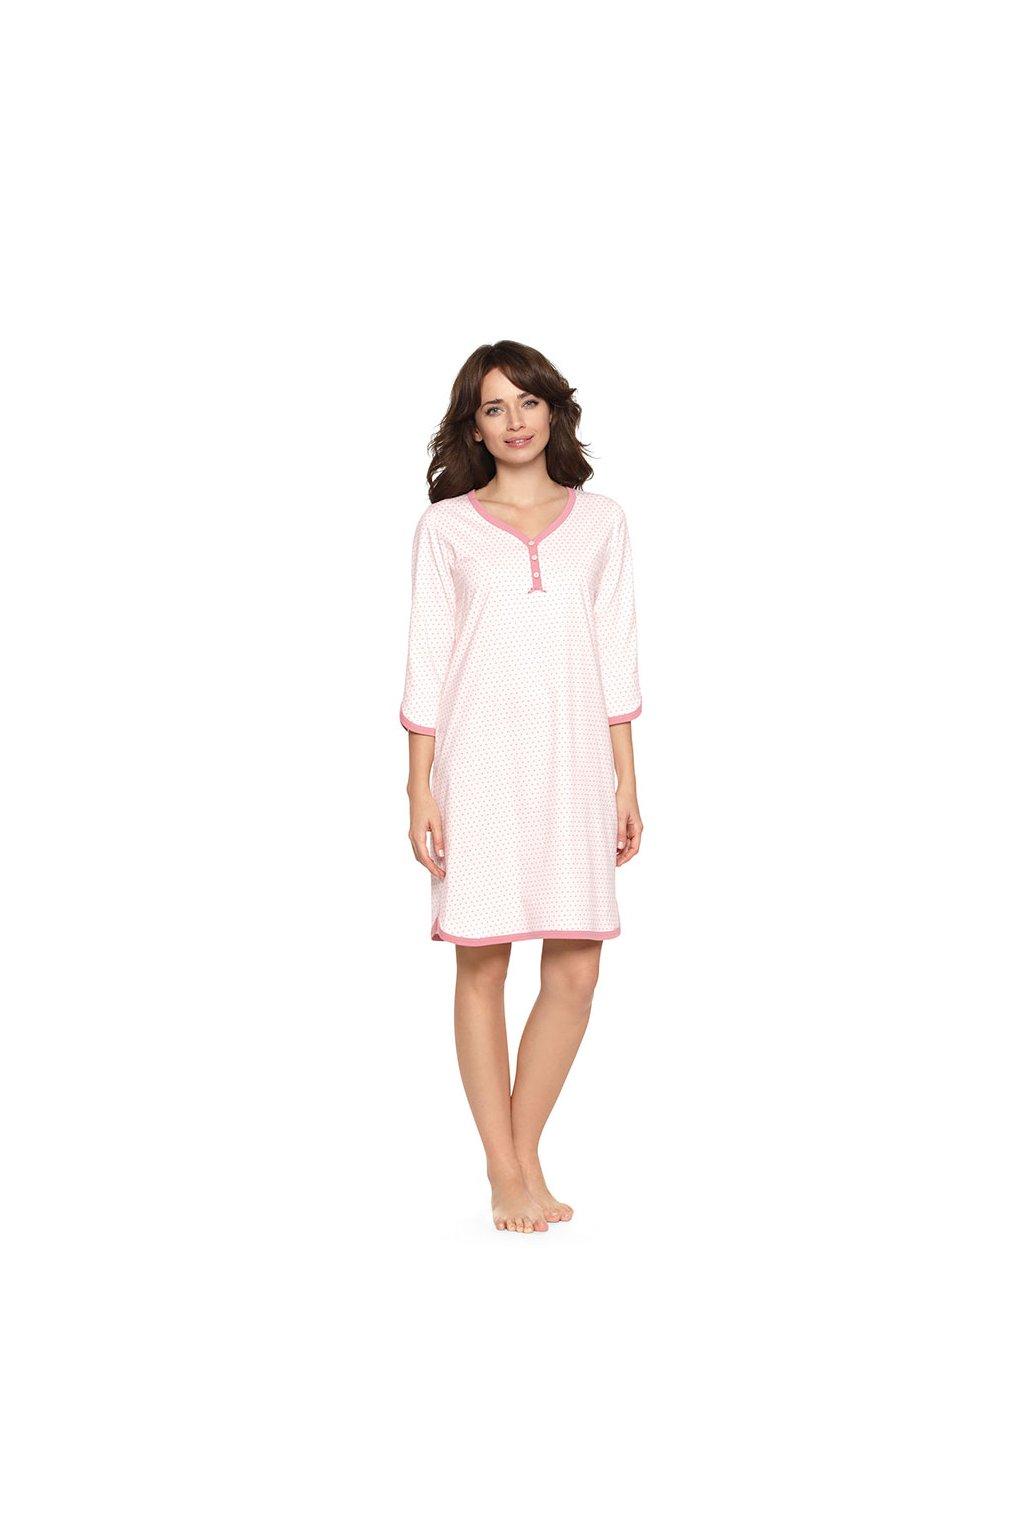 Dámská noční košile s 3/4 rukávem, 104382 62, růžová